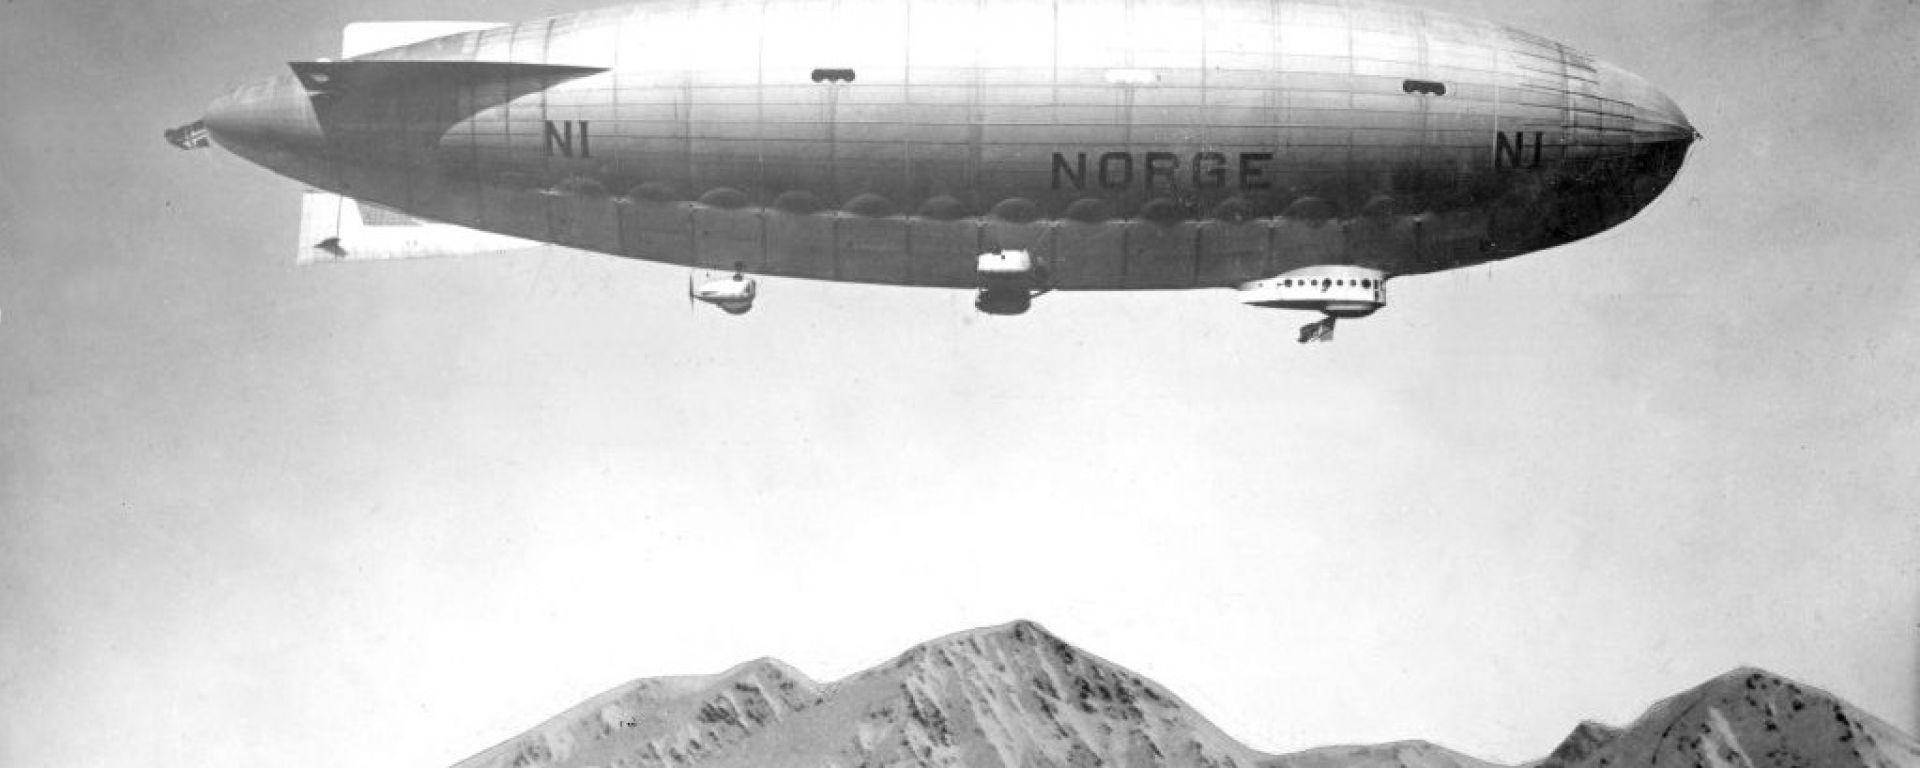 Pirelli e il dirigibile Norge